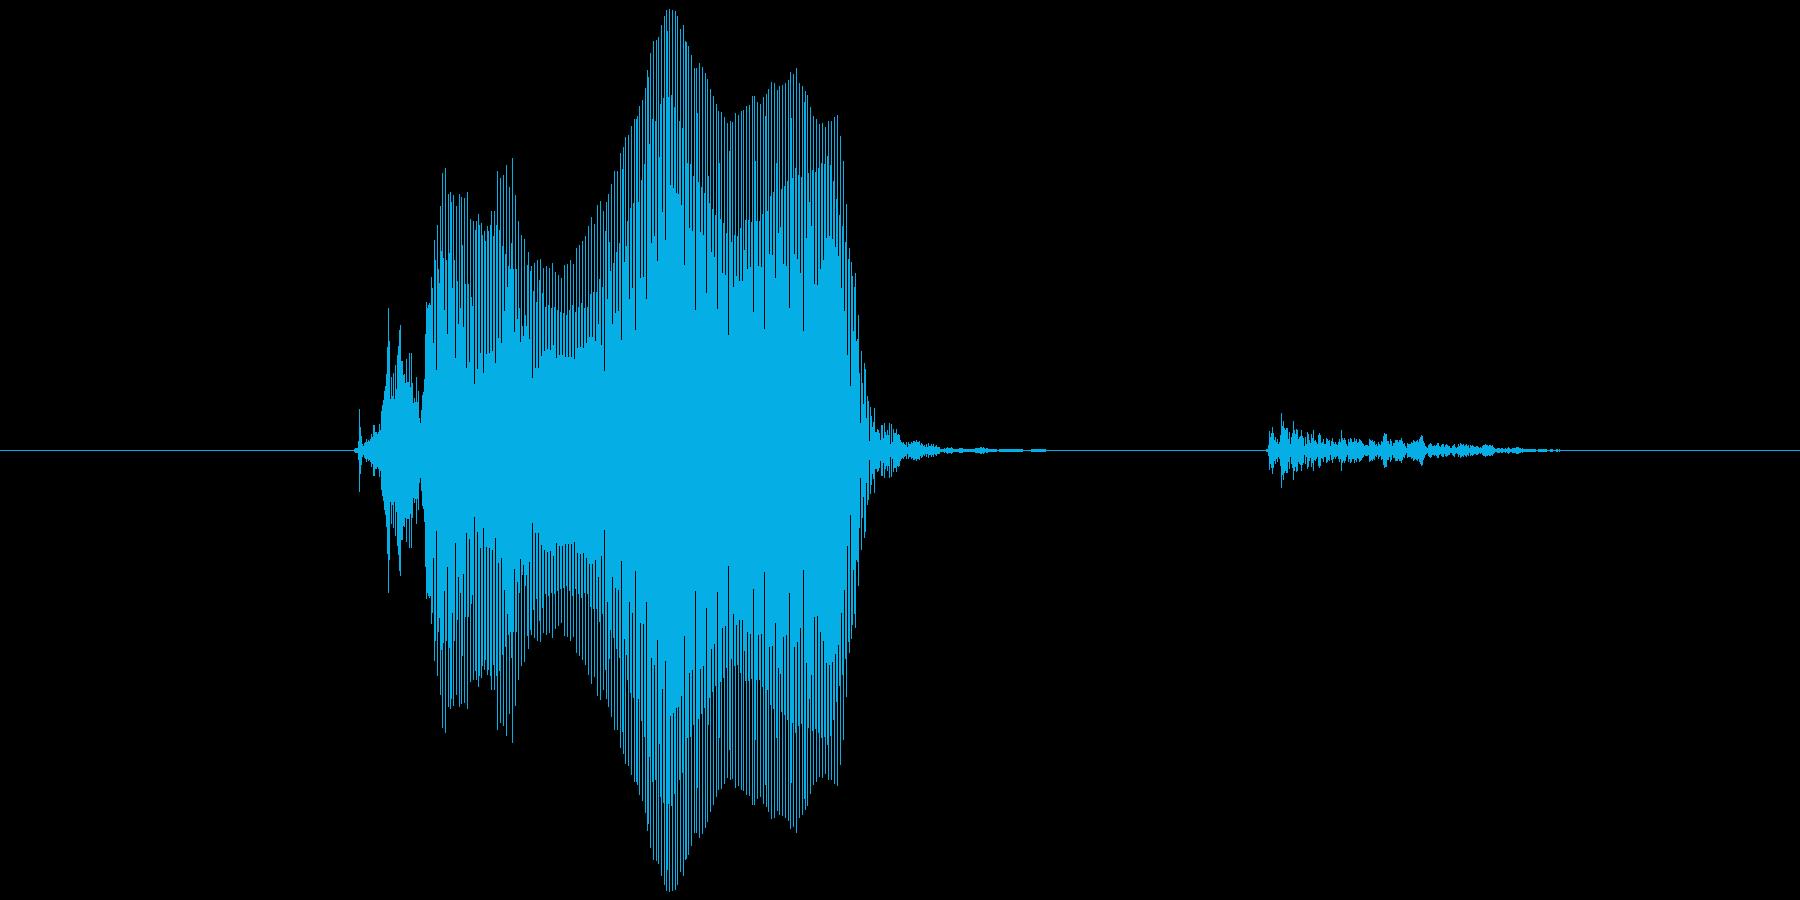 チョーップ!の再生済みの波形